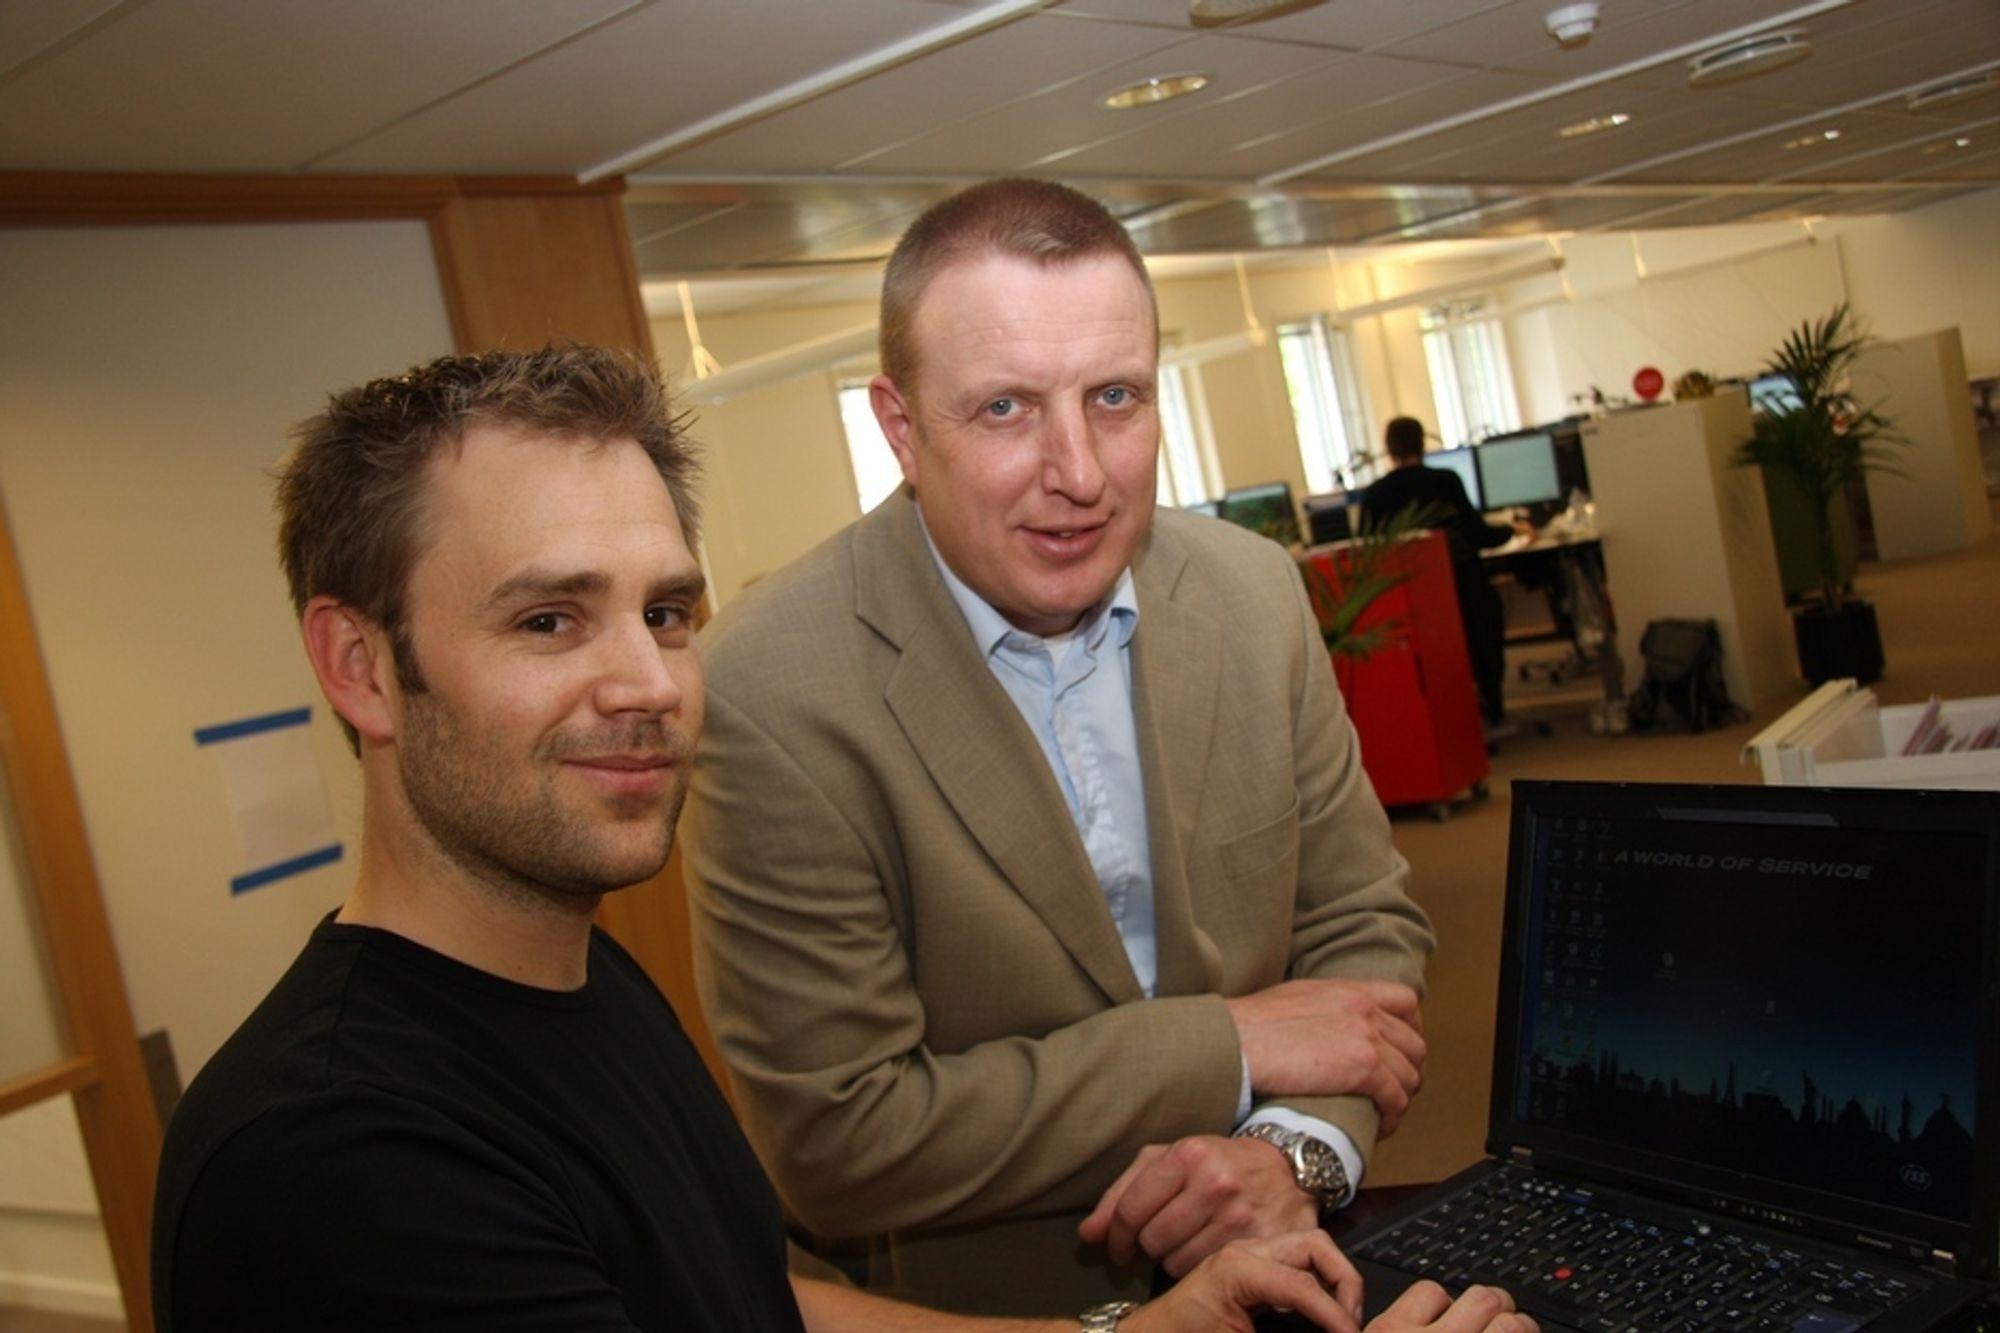 WEB-STYRT: Ståle Syversen (til høyre) fra SRO sammarbeider med Thomas Thorstensen fra ISS Energi om et web-basert, intelligent ventilasjonssystem som gir store energibesparelser. Her i lokalene til Nordea Liv på Lilleaker i Oslo.